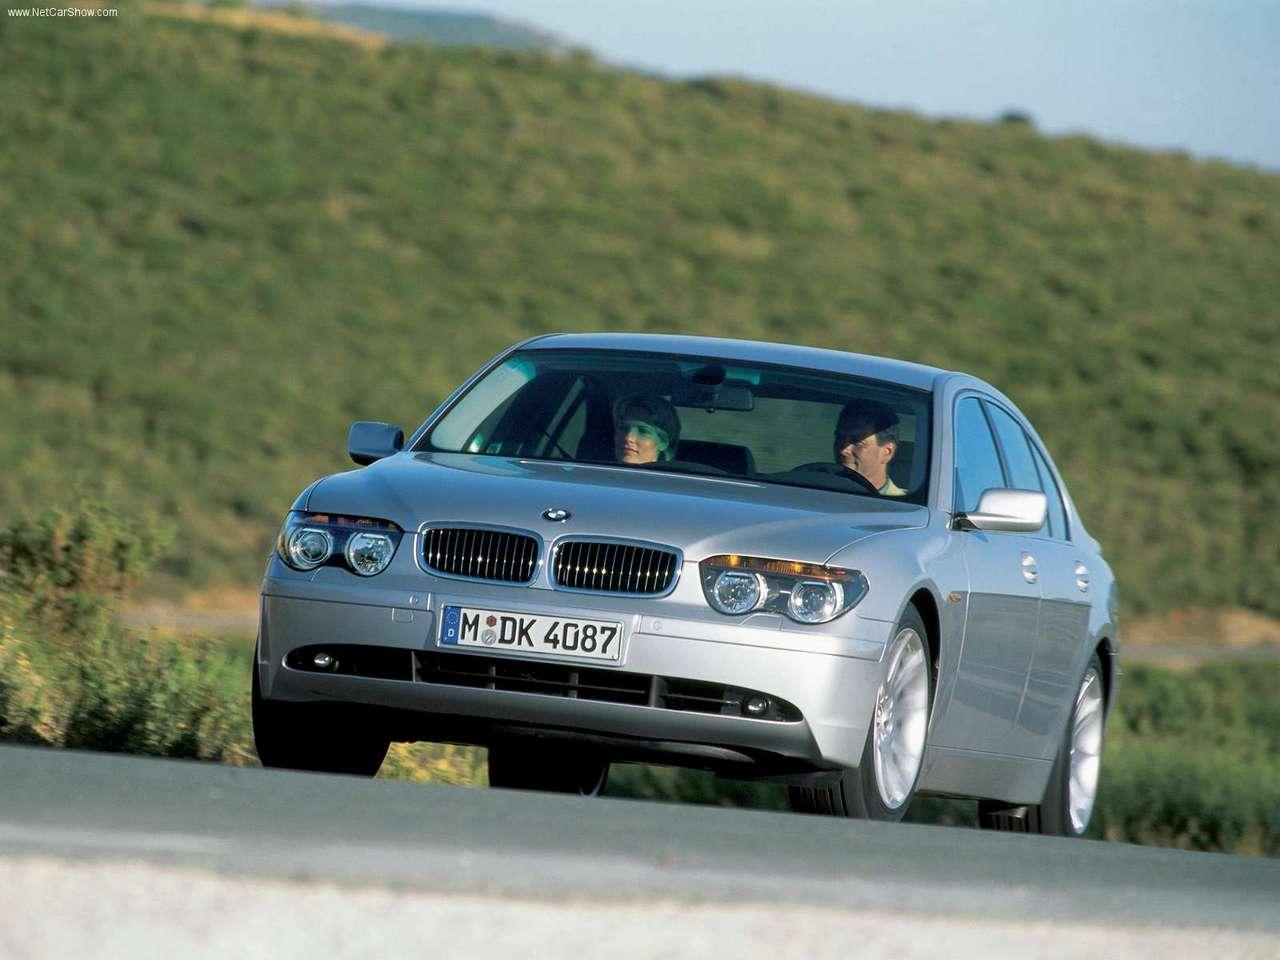 http://3.bp.blogspot.com/_vPMjJG-enrk/TAvUvk5fC0I/AAAAAAAAC7c/-SdEV1UK86c/s1600/BMW-7_Series_2002_1280x960_wallpaper_05.jpg